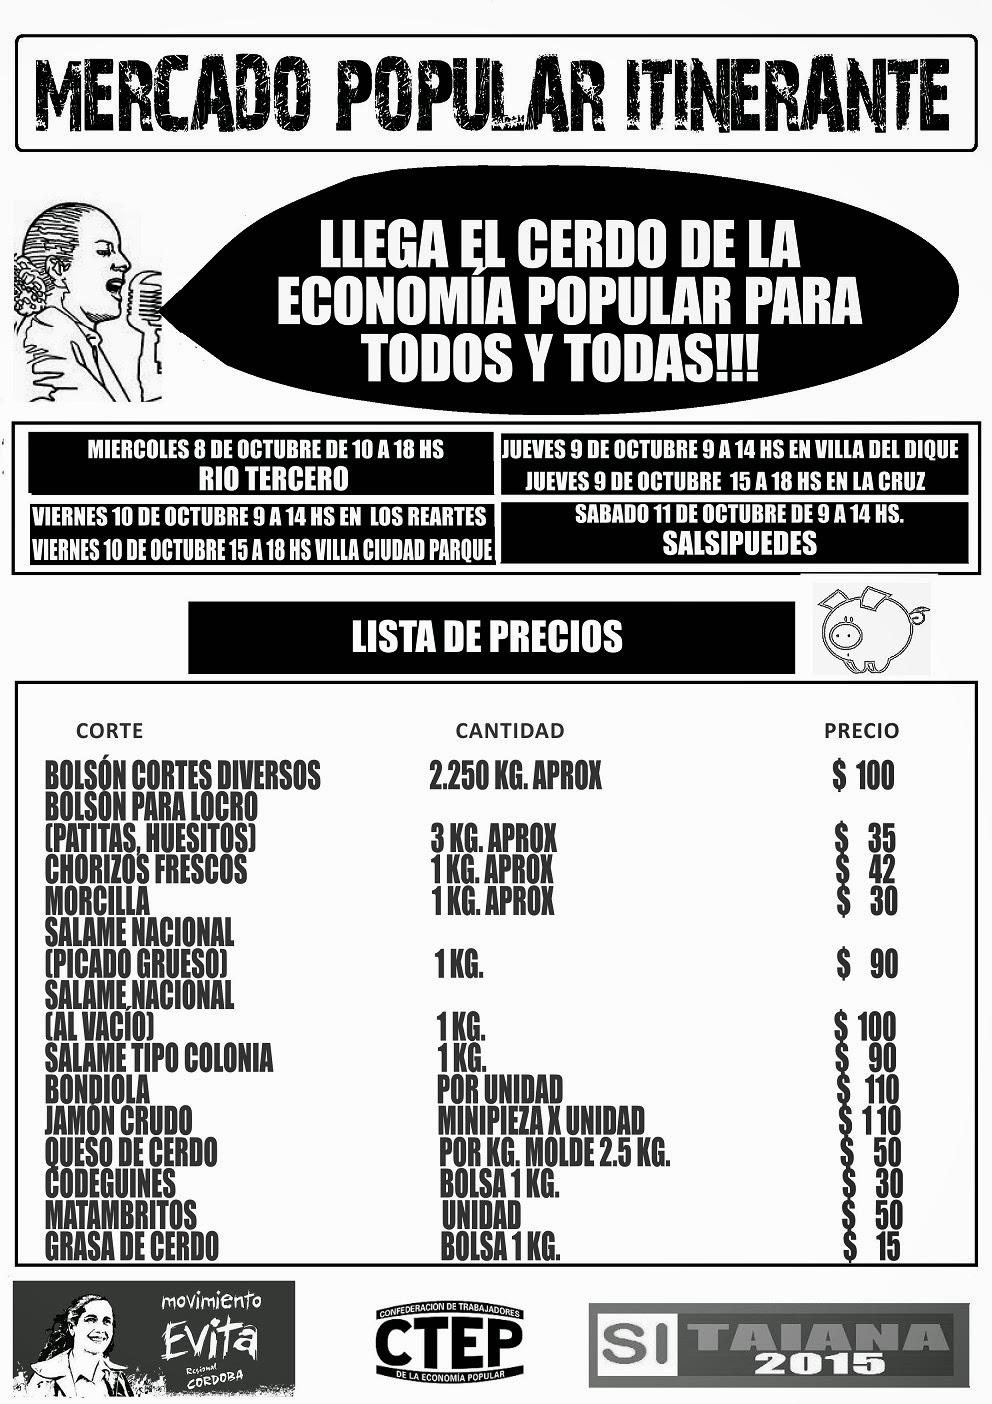 Movimiento Evita Cordoba informa cronología del camión del Mercado Popular Itinerante